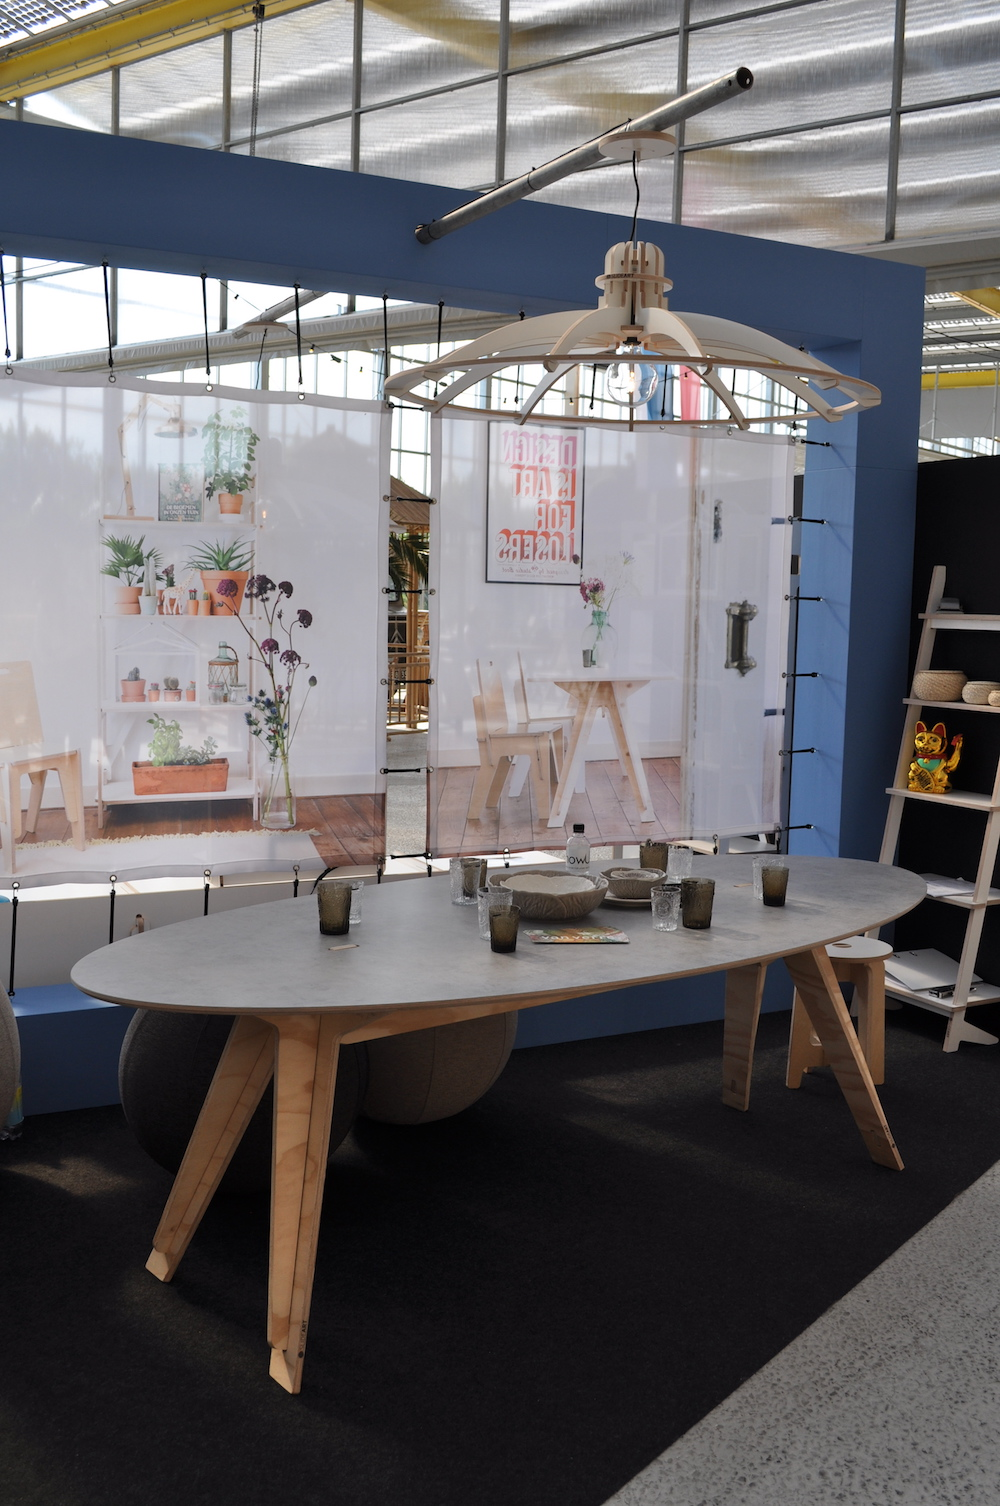 Styling ID Beurzen en evenementen showUP najaarseditie verrast Slideart tafel en lamp